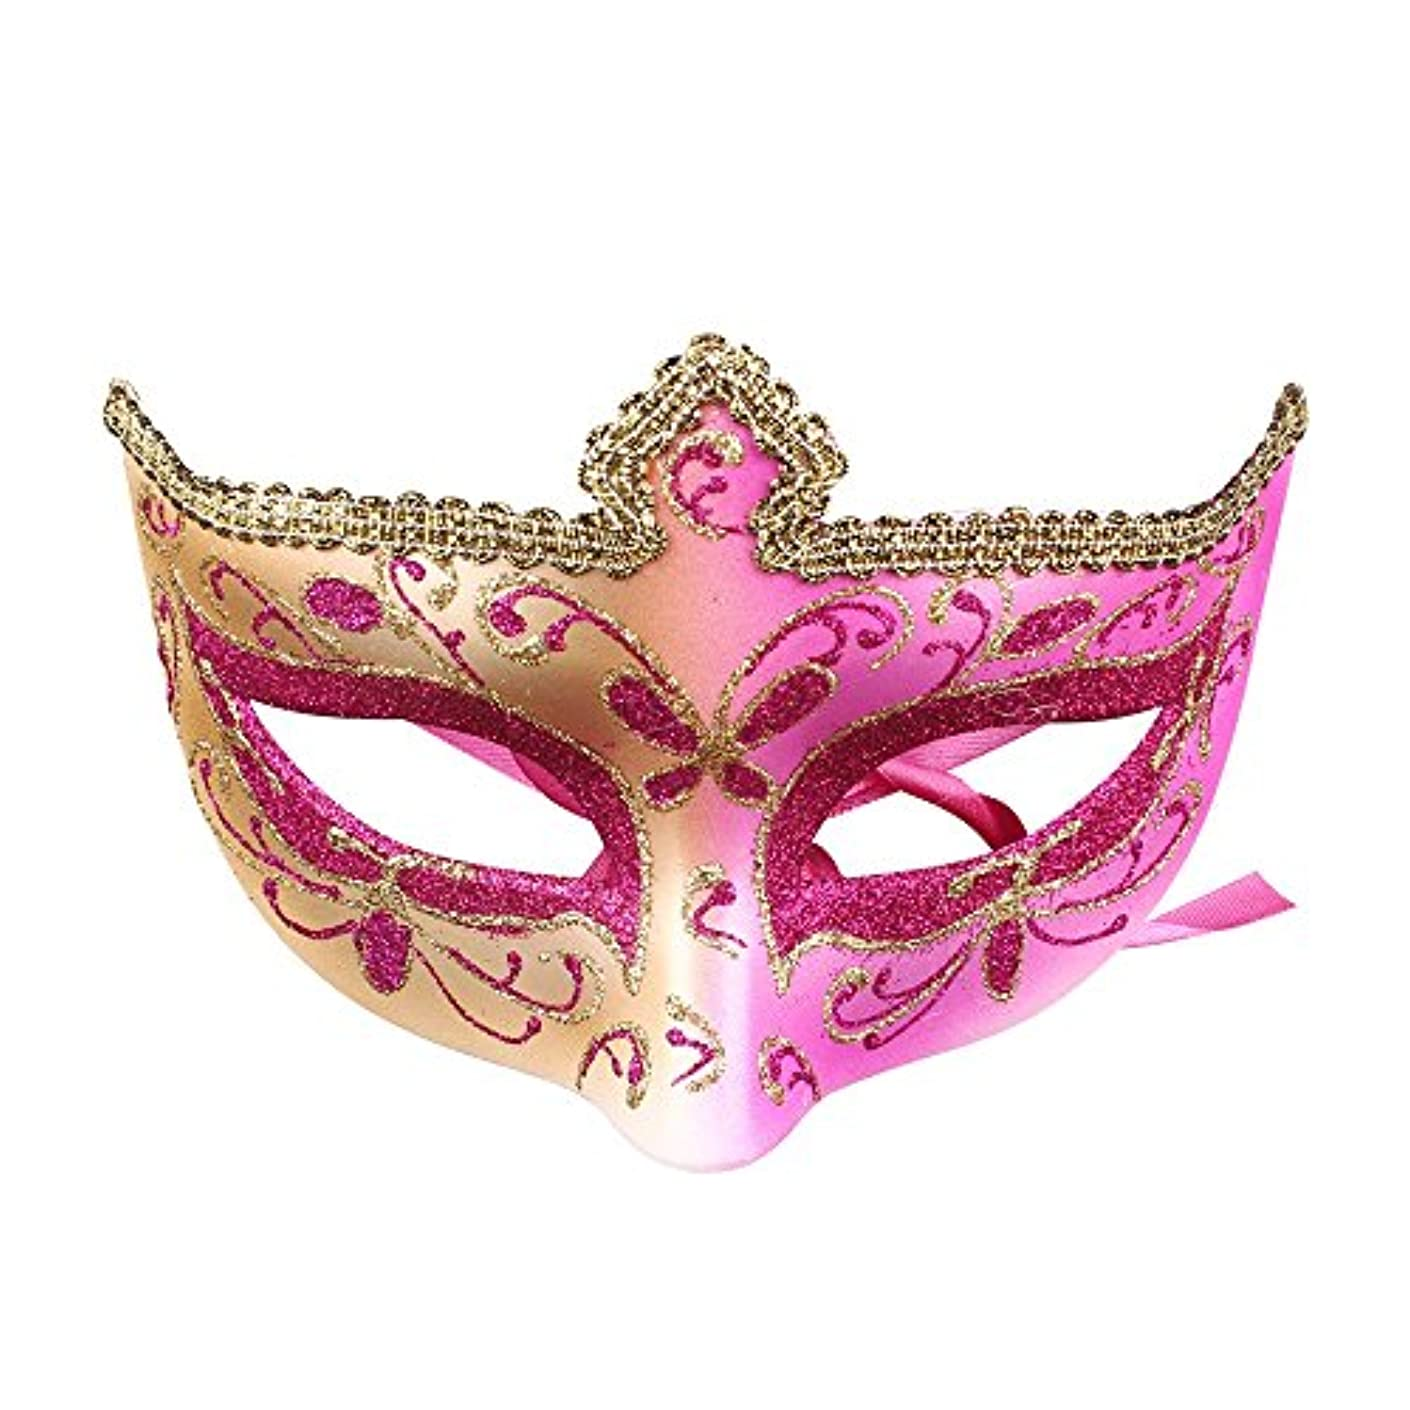 望ましい摂氏度天文学クリエイティブ仮面舞??踏会レースマスク美容ハーフフェイス女性身に着けているマスクハロウィーン祭りパーティー用品 (Color : RED)